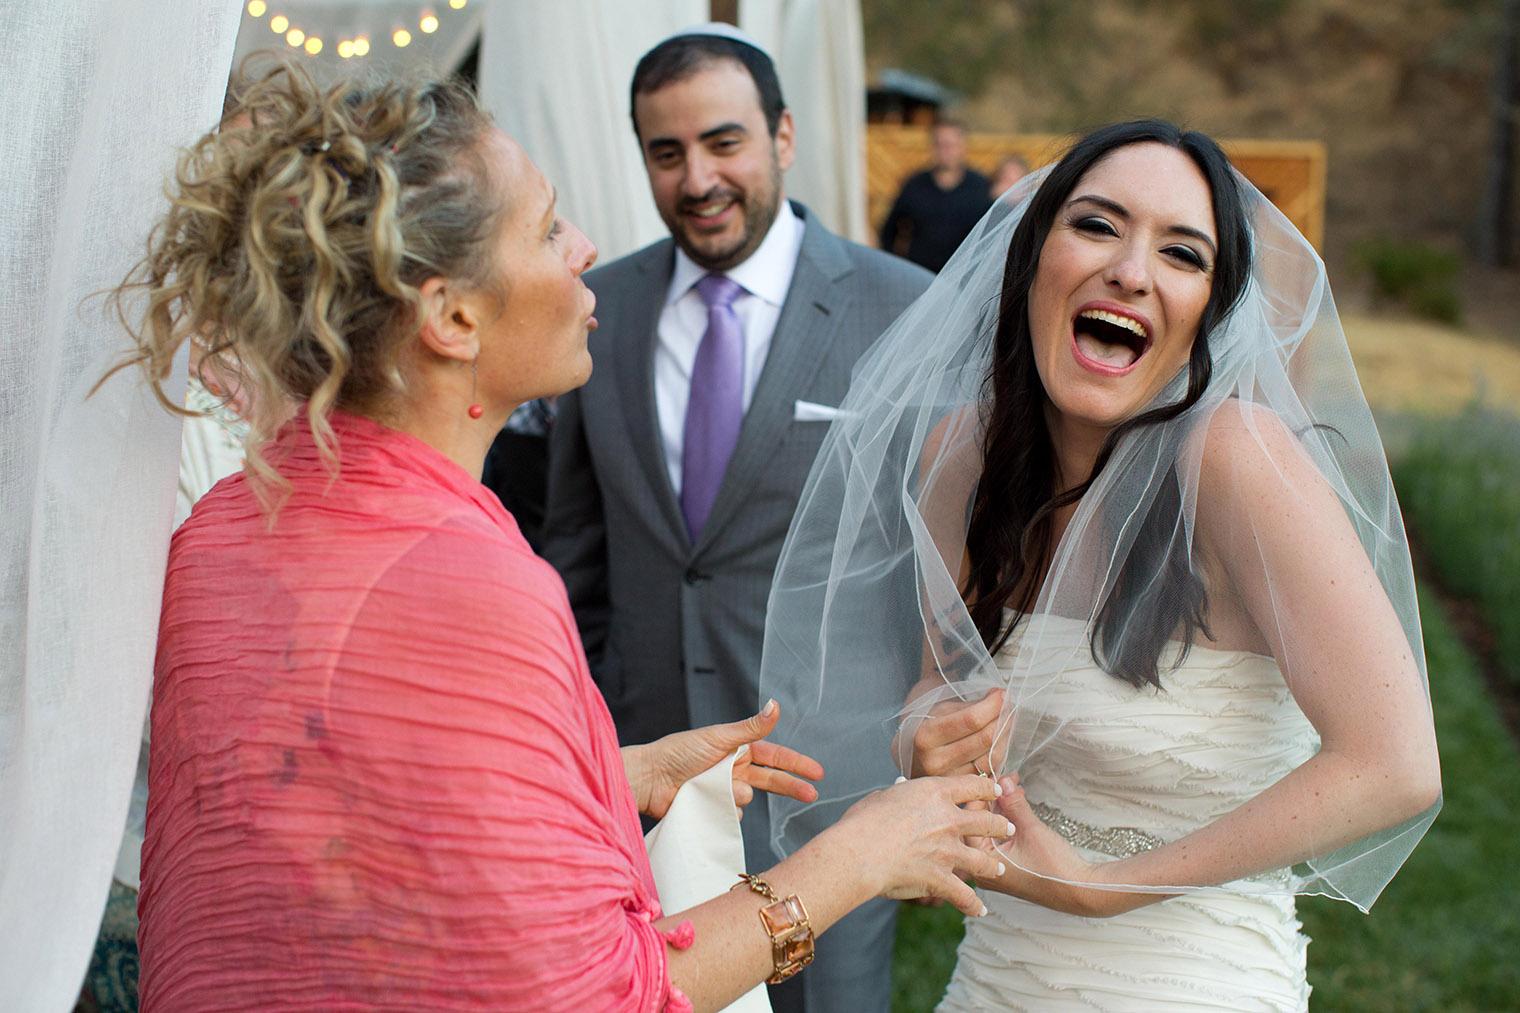 outdoor wedding reception in Napa California